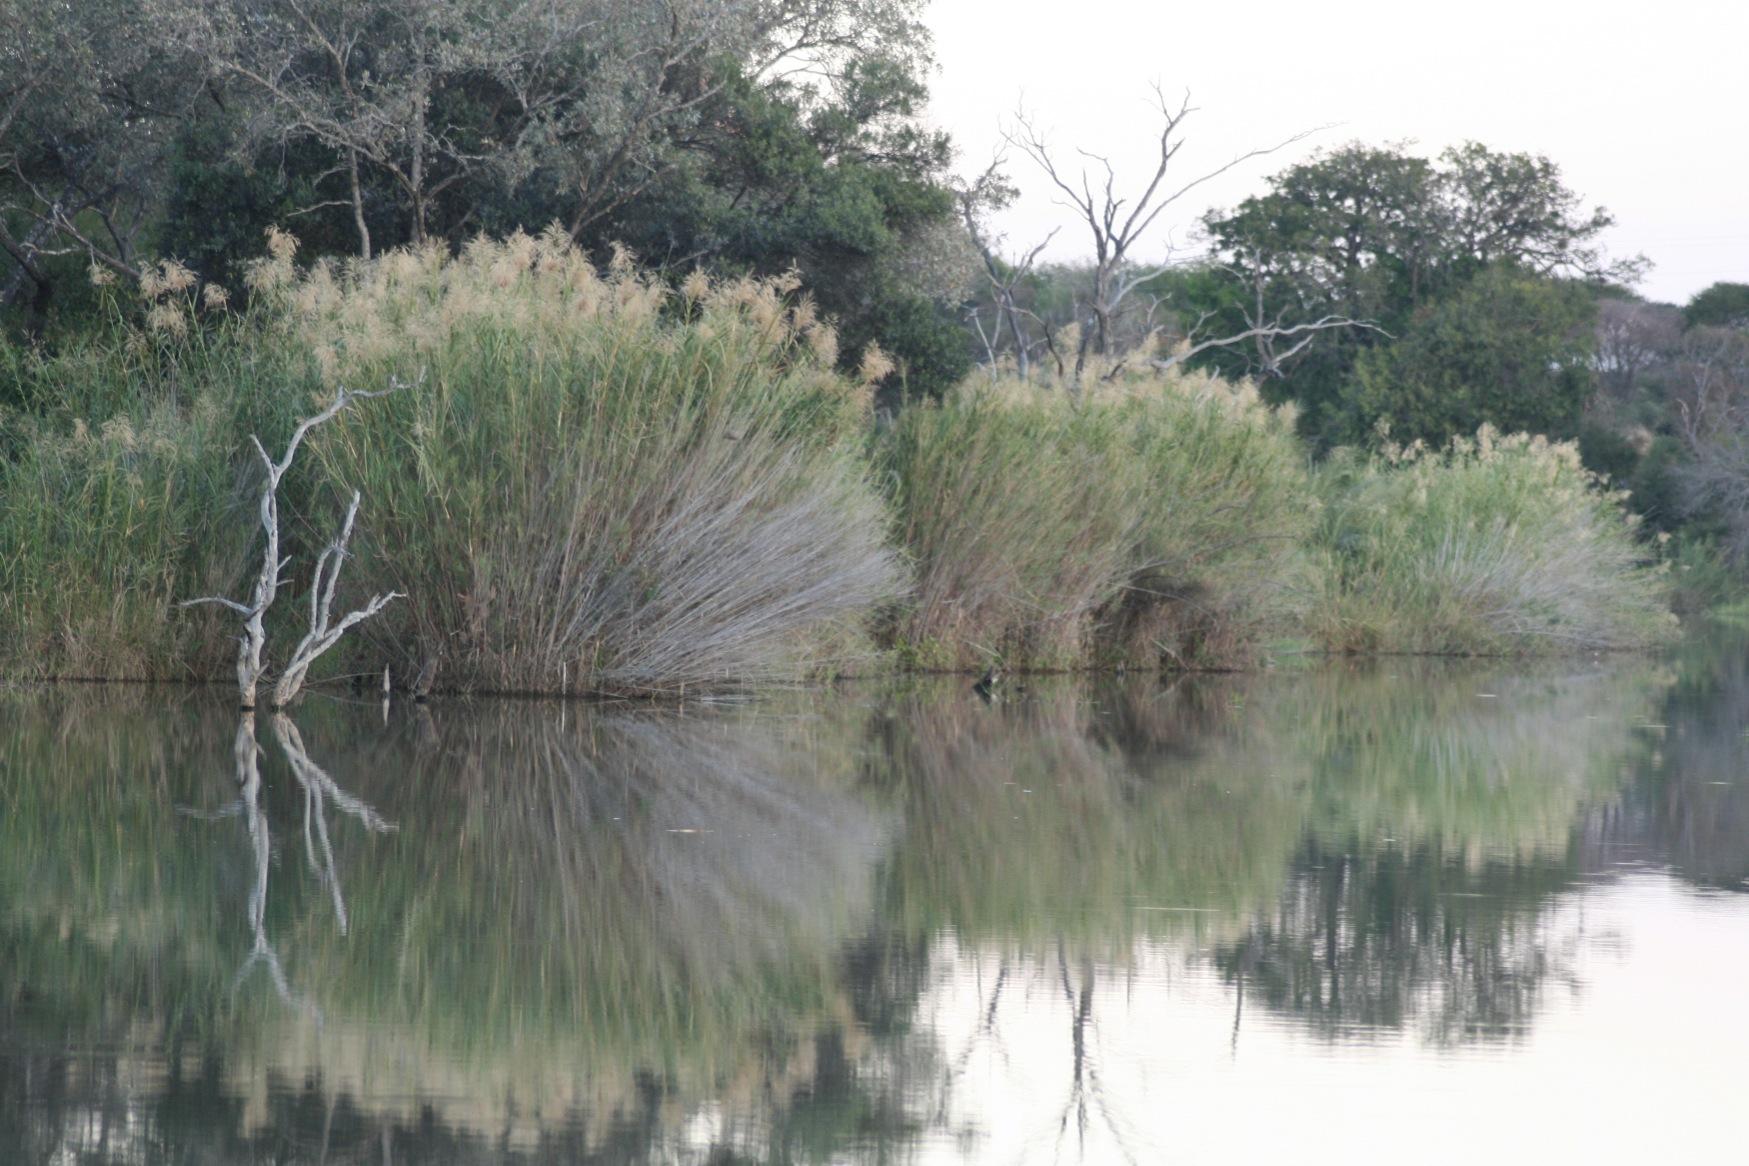 Sth Africa waterhole.jpg